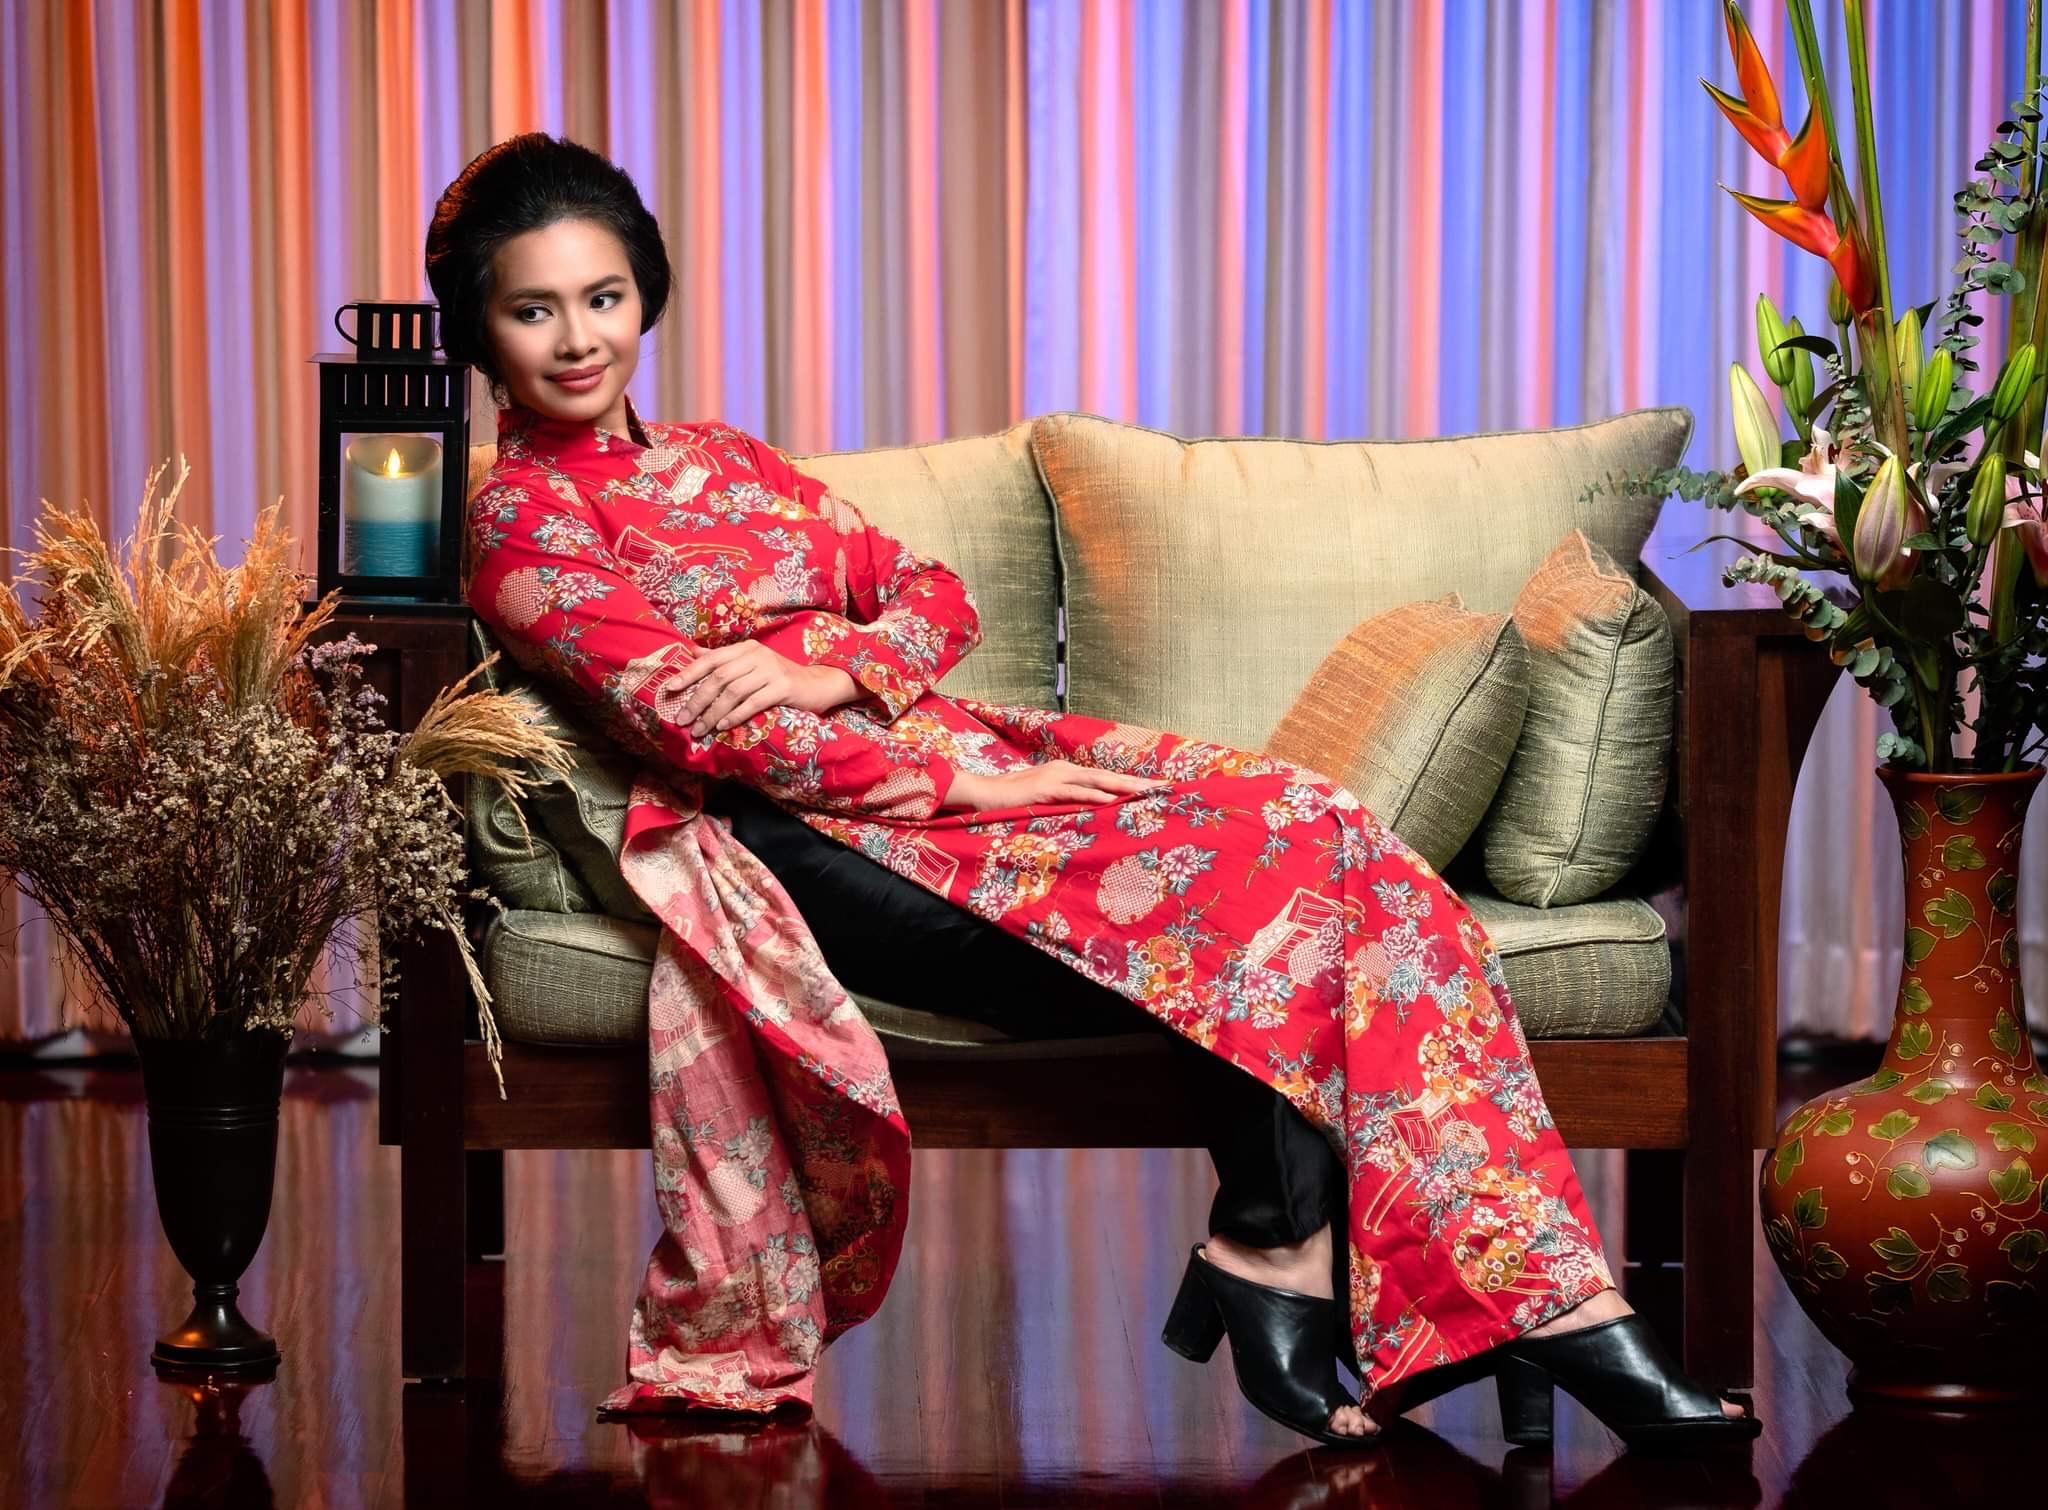 Hoa khôi Thủy Tiên duyên dáng trong áo dài của NTK Lê Thanh Phương. Ảnh: Micjael Cassell Jr, trang điểm - tóc: Mai Lan